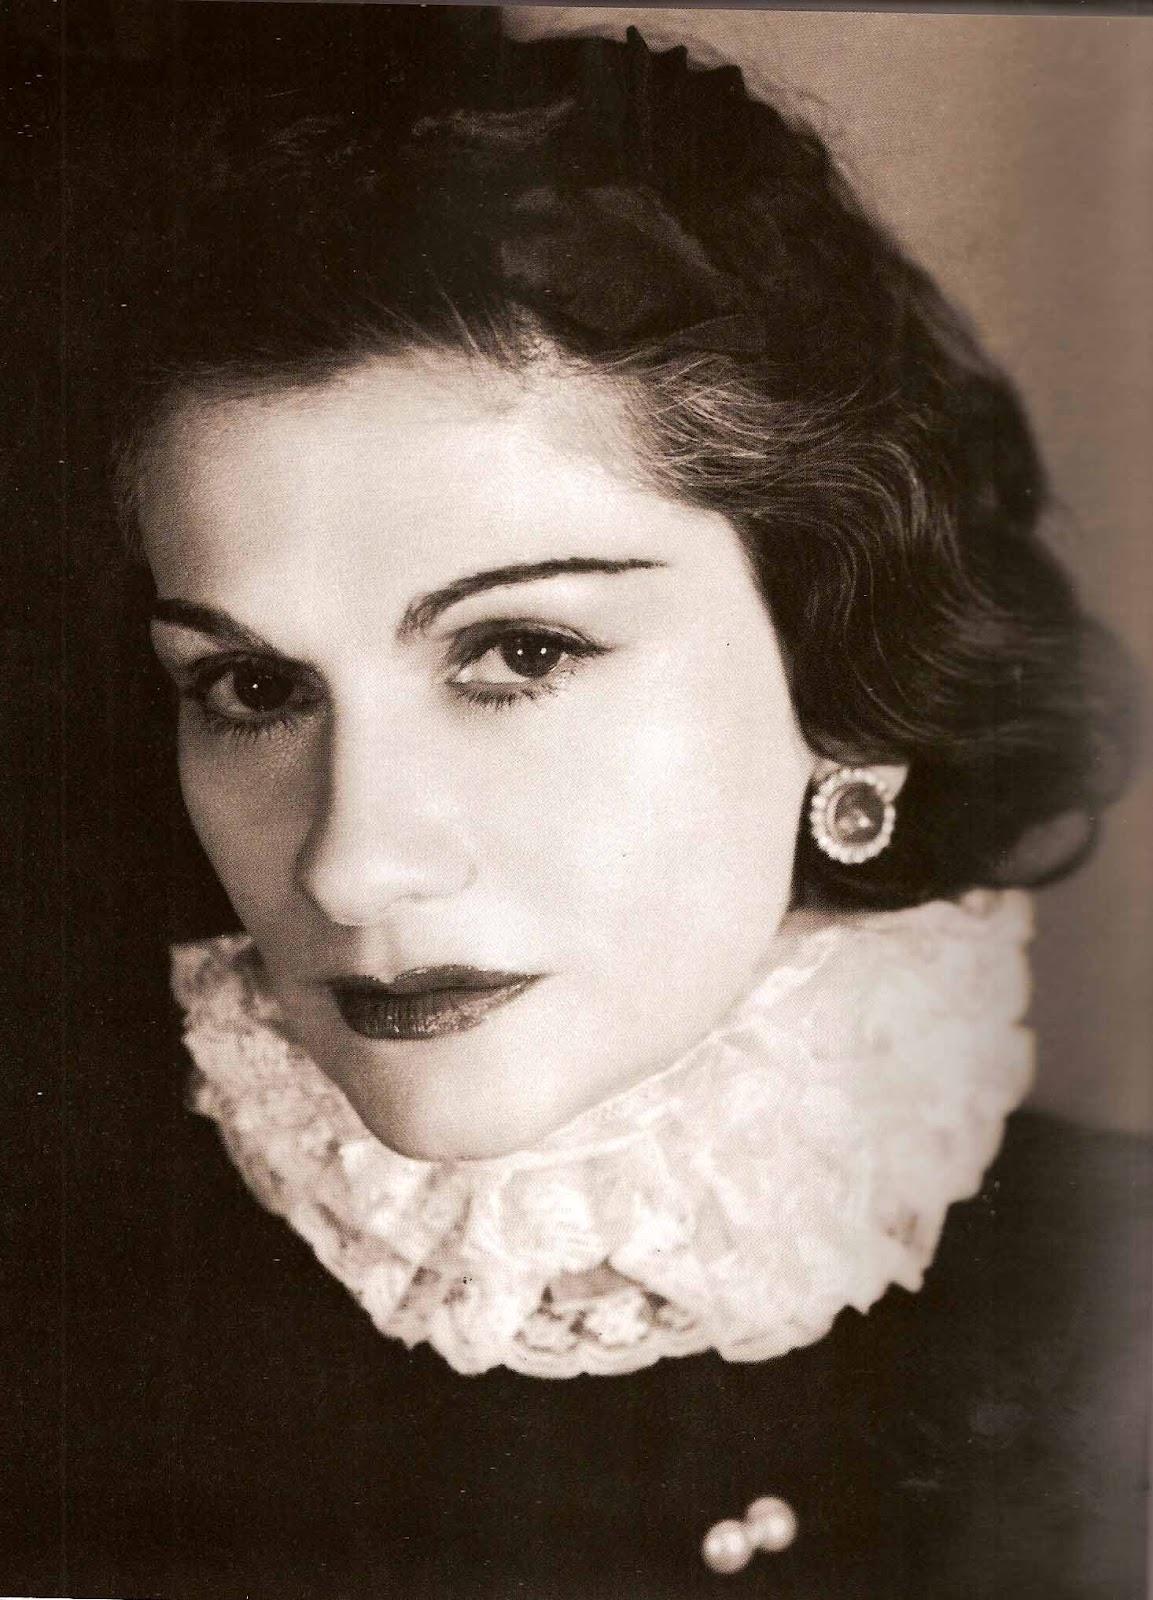 http://4.bp.blogspot.com/-Pf7HIu1RsWg/UDKIpGqvawI/AAAAAAAAAQI/q0gIkaAvWlU/s1600/Coco+Chanel.jpg